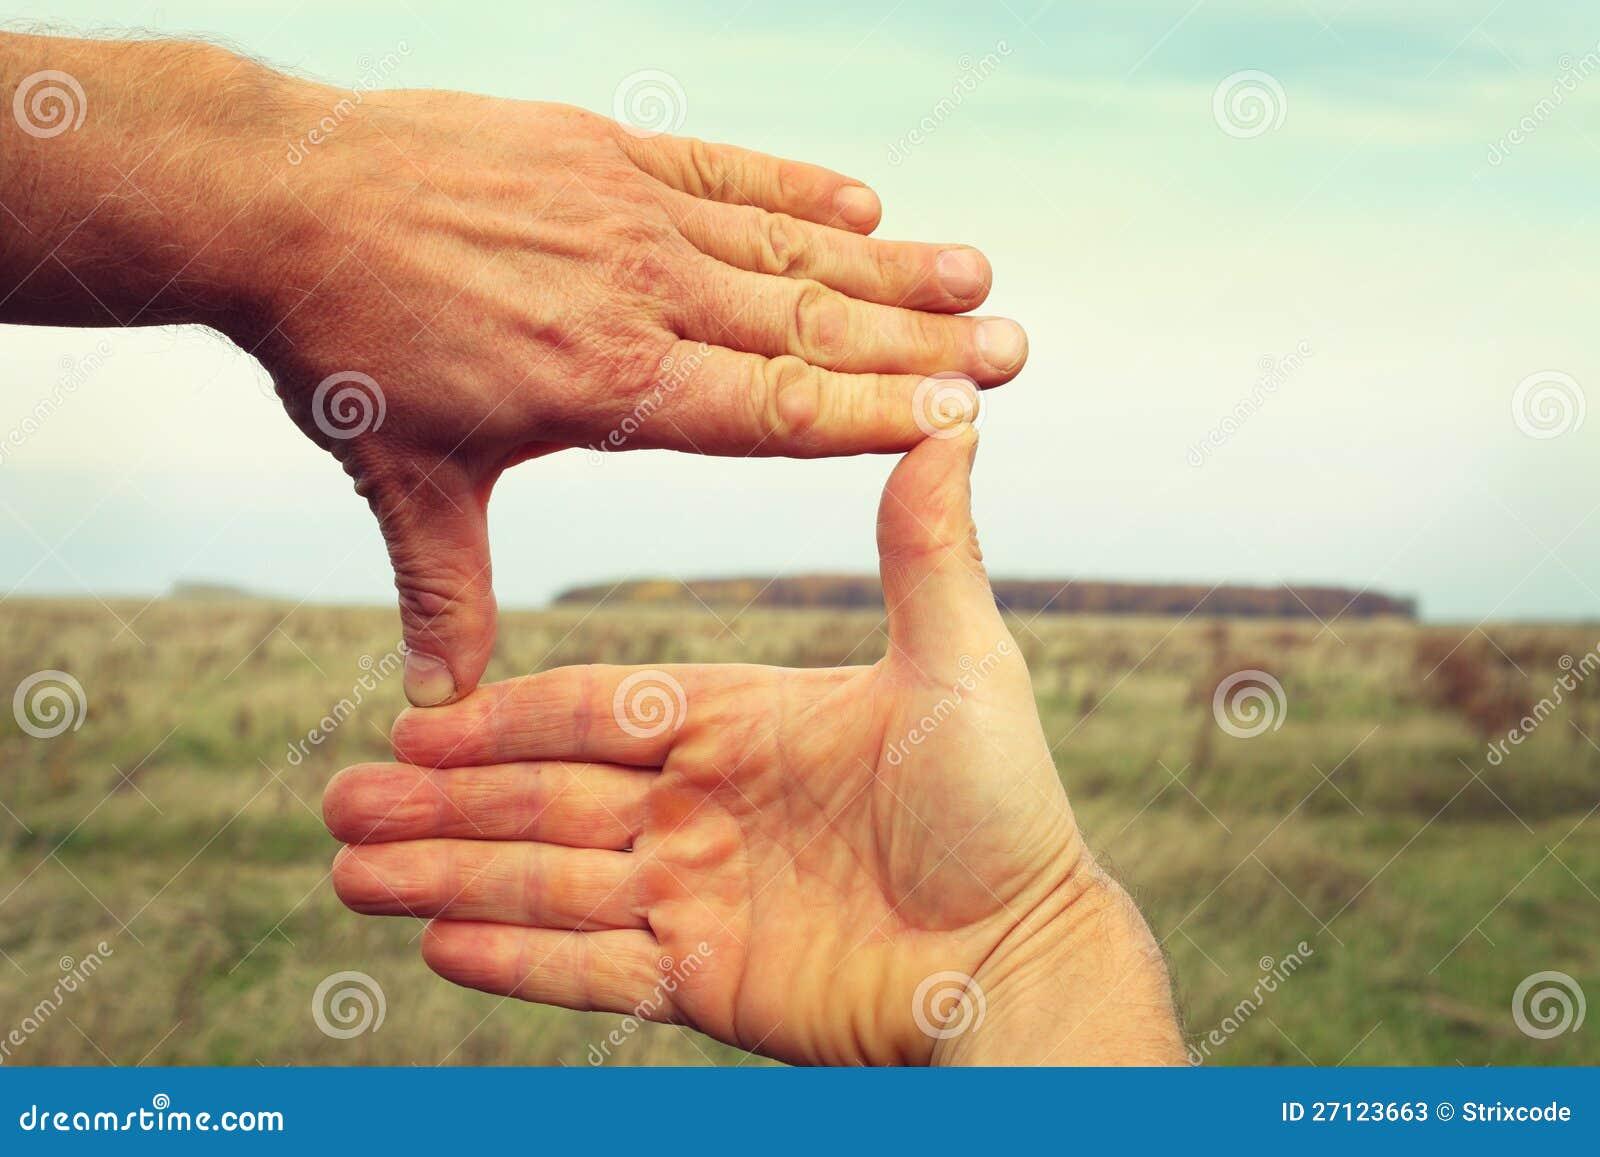 Bild von zwei Händen, die Landschaftsaufbau gestalten